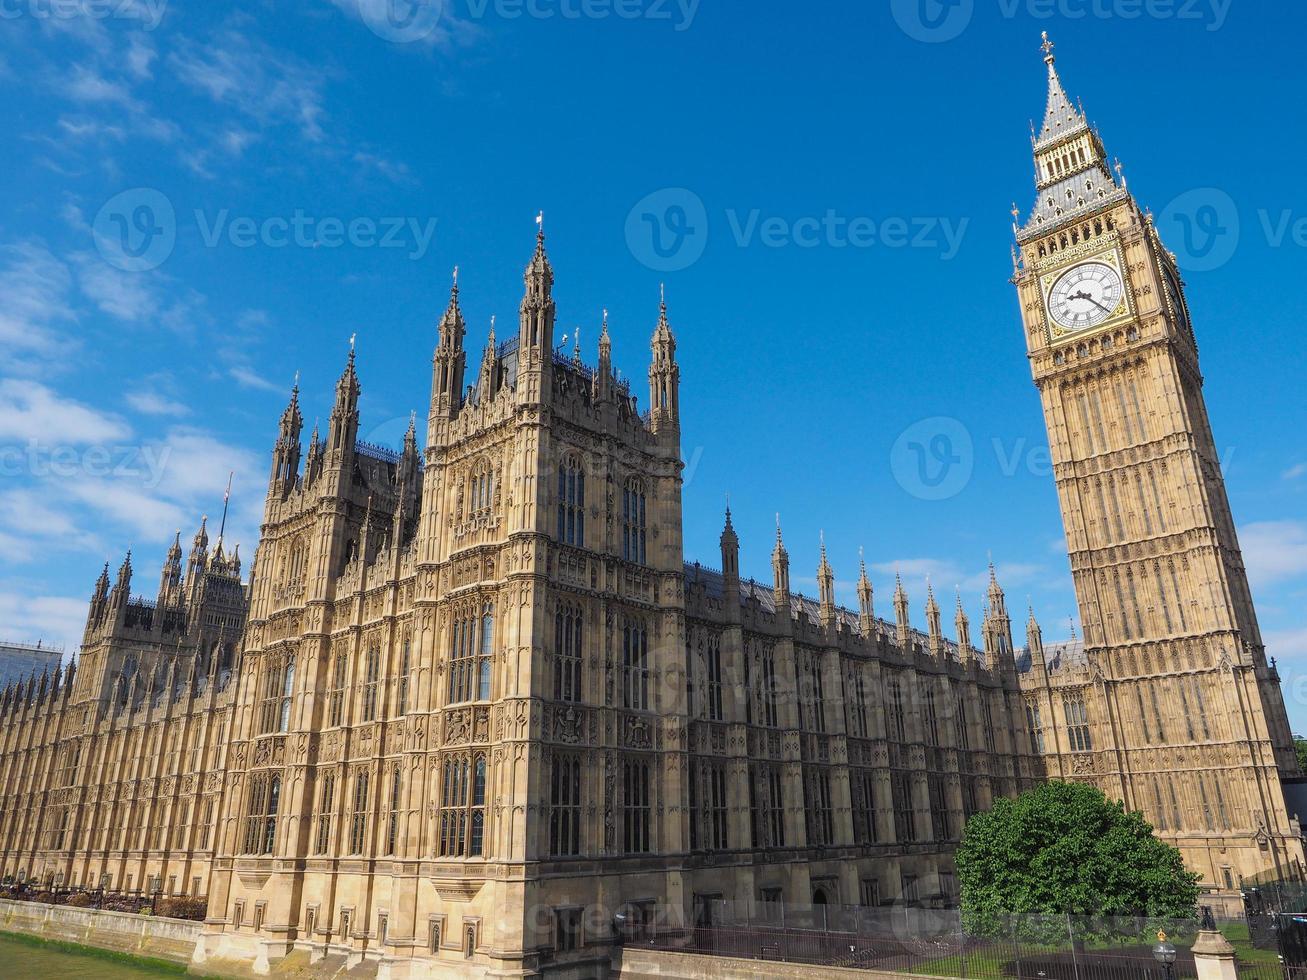 casas del parlamento en londres foto